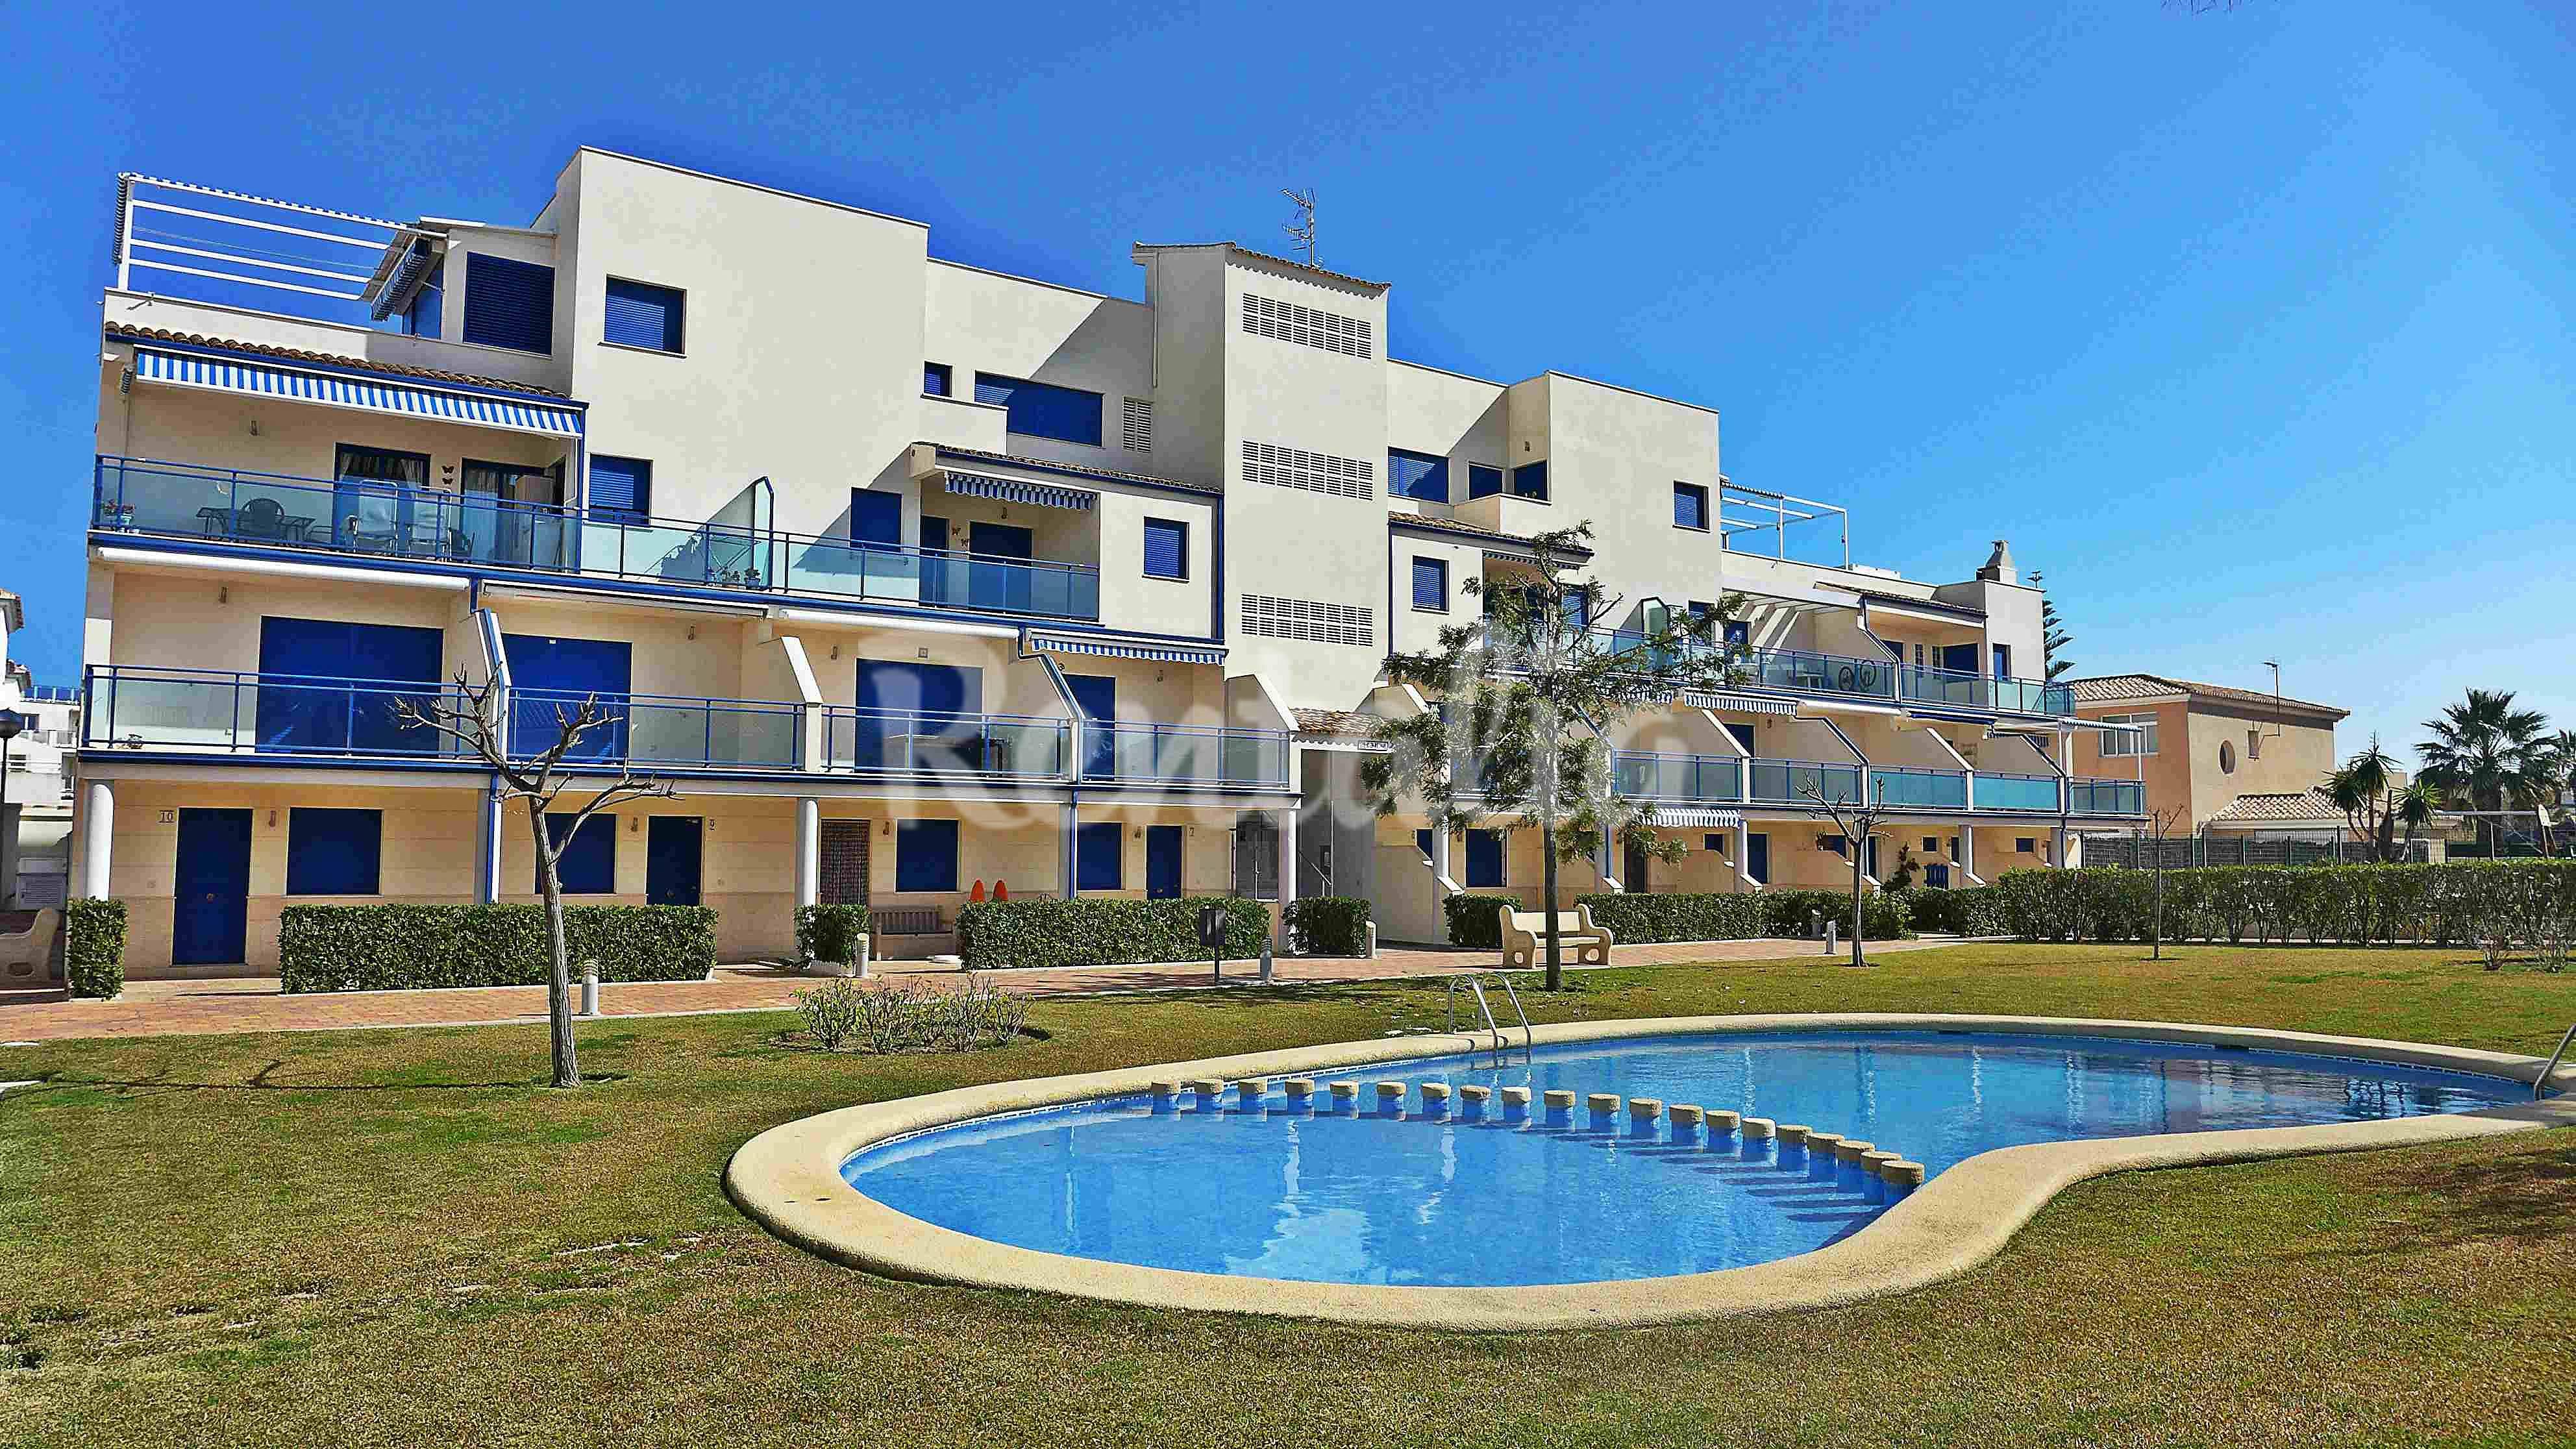 Apartamento en alquiler a 150 m de la playa oliva playa oliva valencia - Alquiler de apartamentos en oliva playa ...